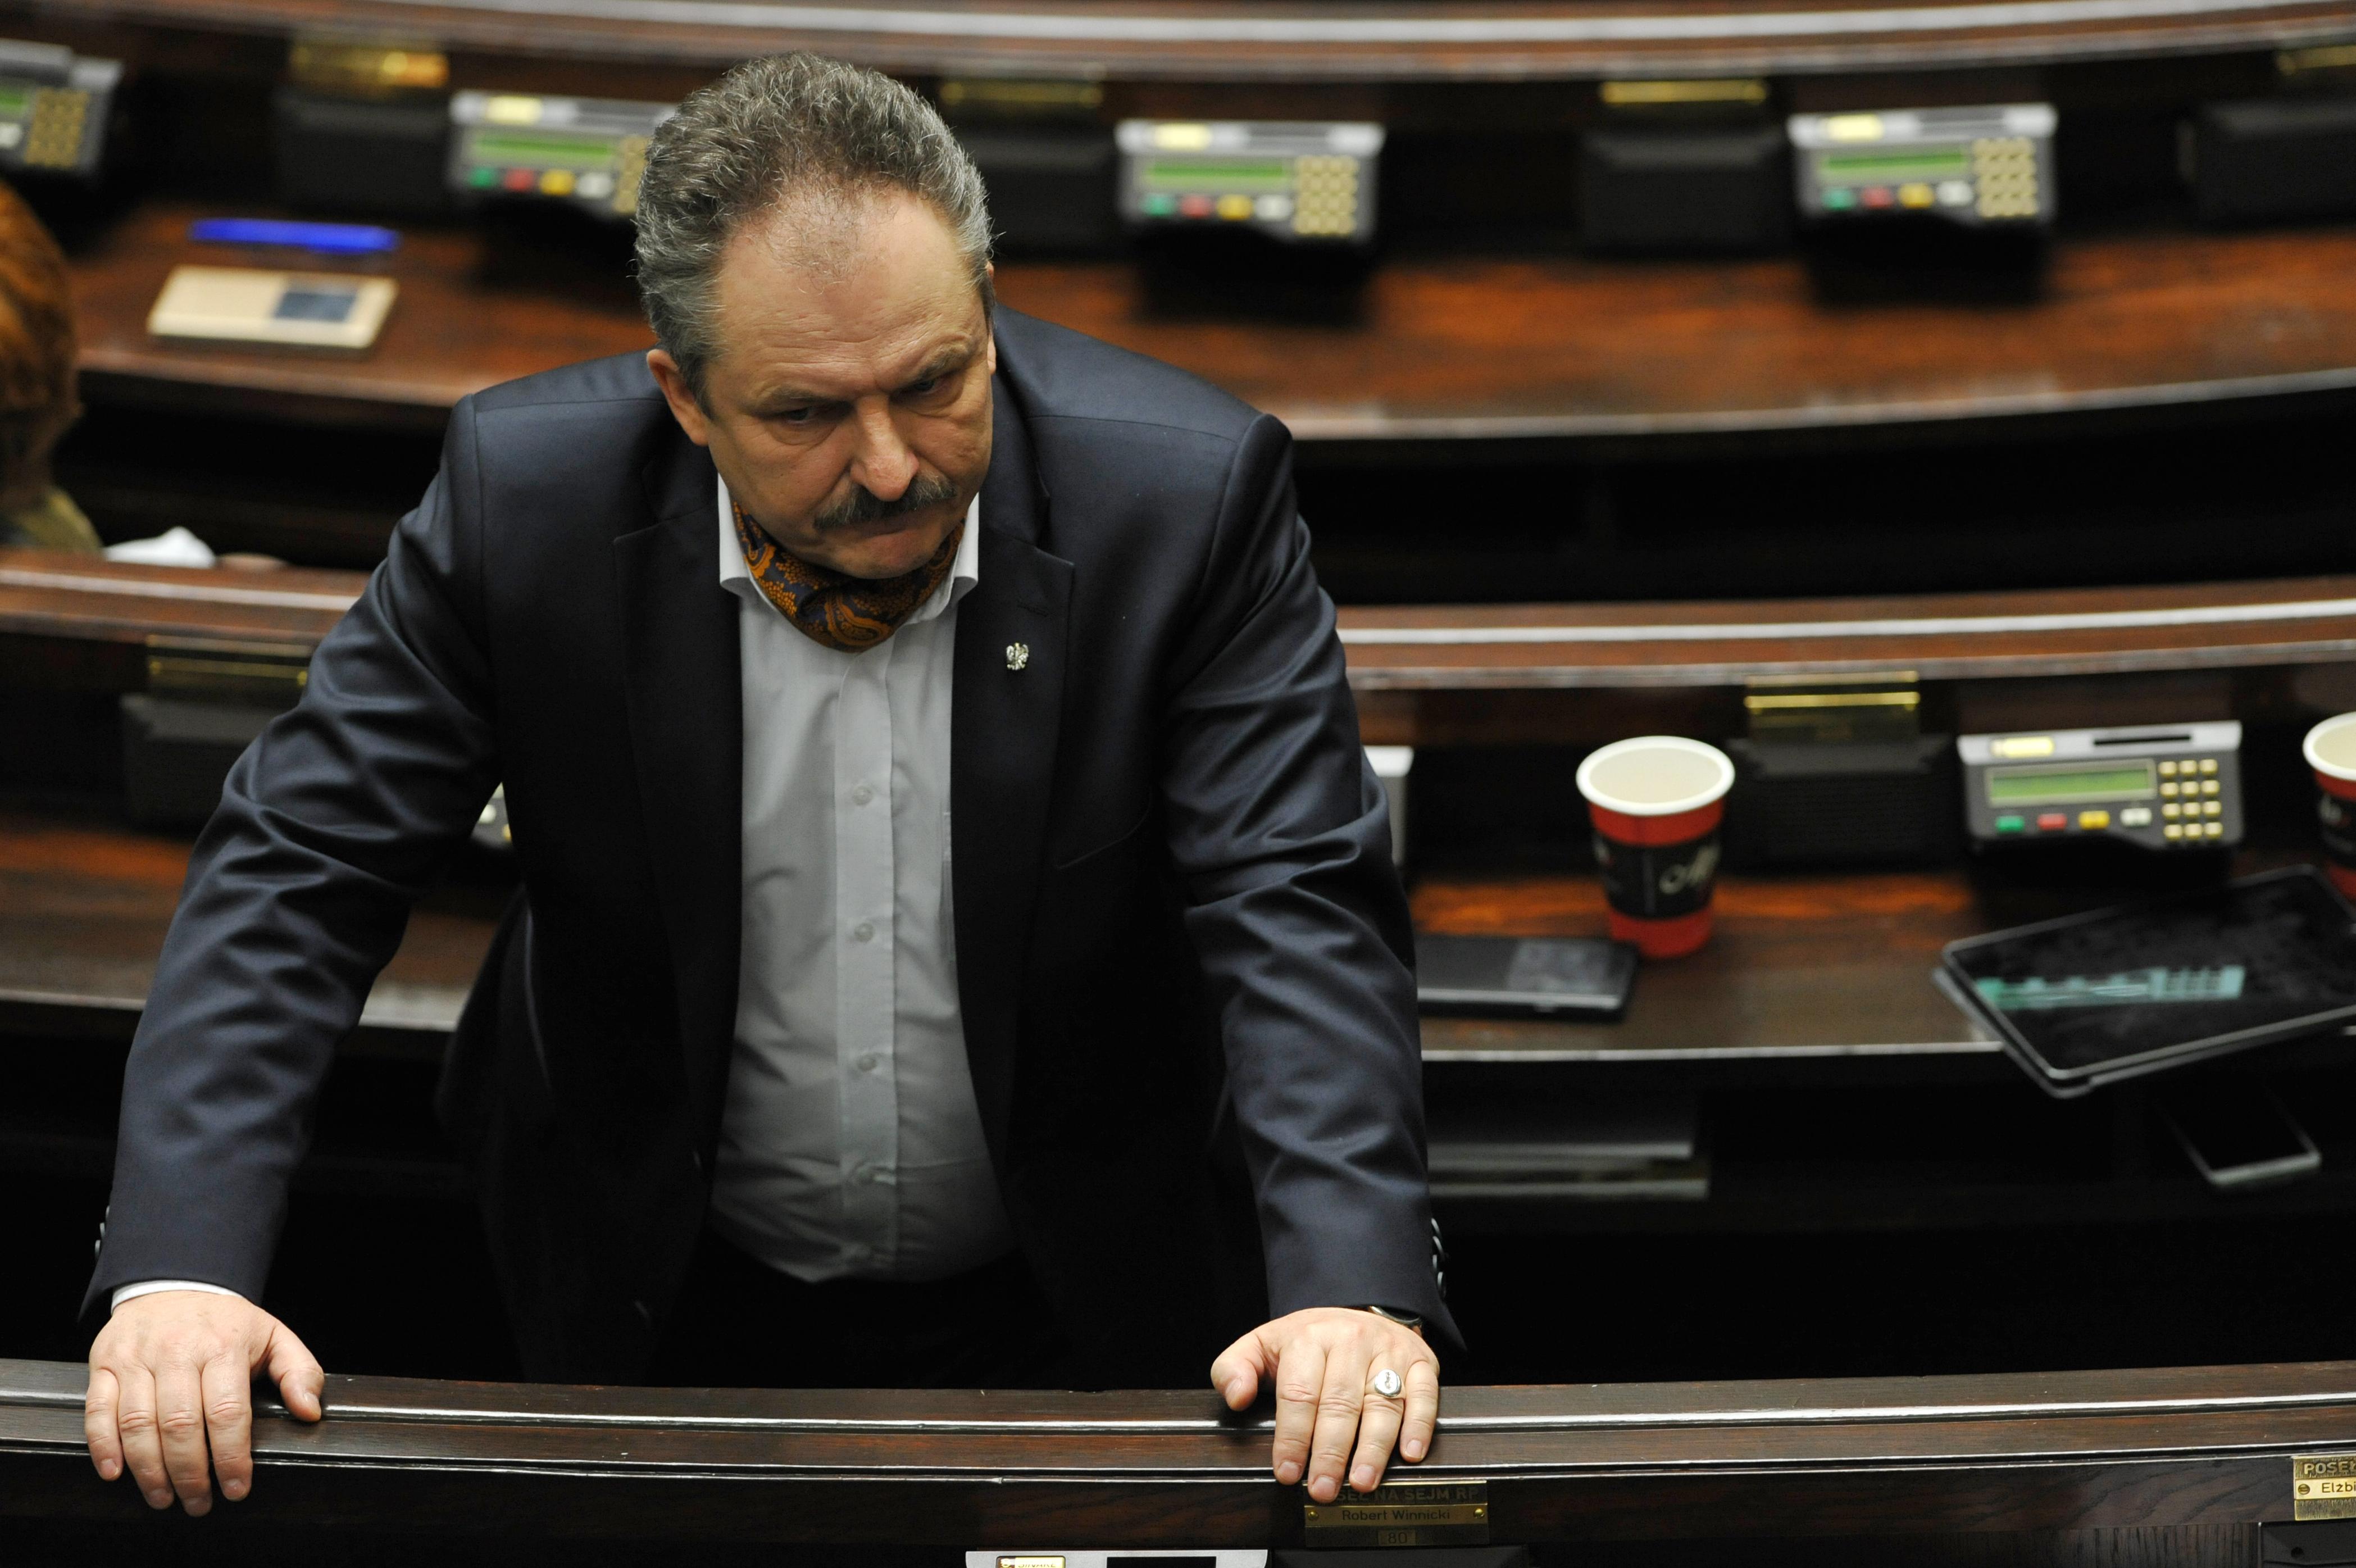 """Marek Jakubiak: """"Konfederacja jest w stanie utworzyć wspólny rząd z Platformą"""". Janusz Korwin-Mikke: """"To absolutna bzdura"""""""